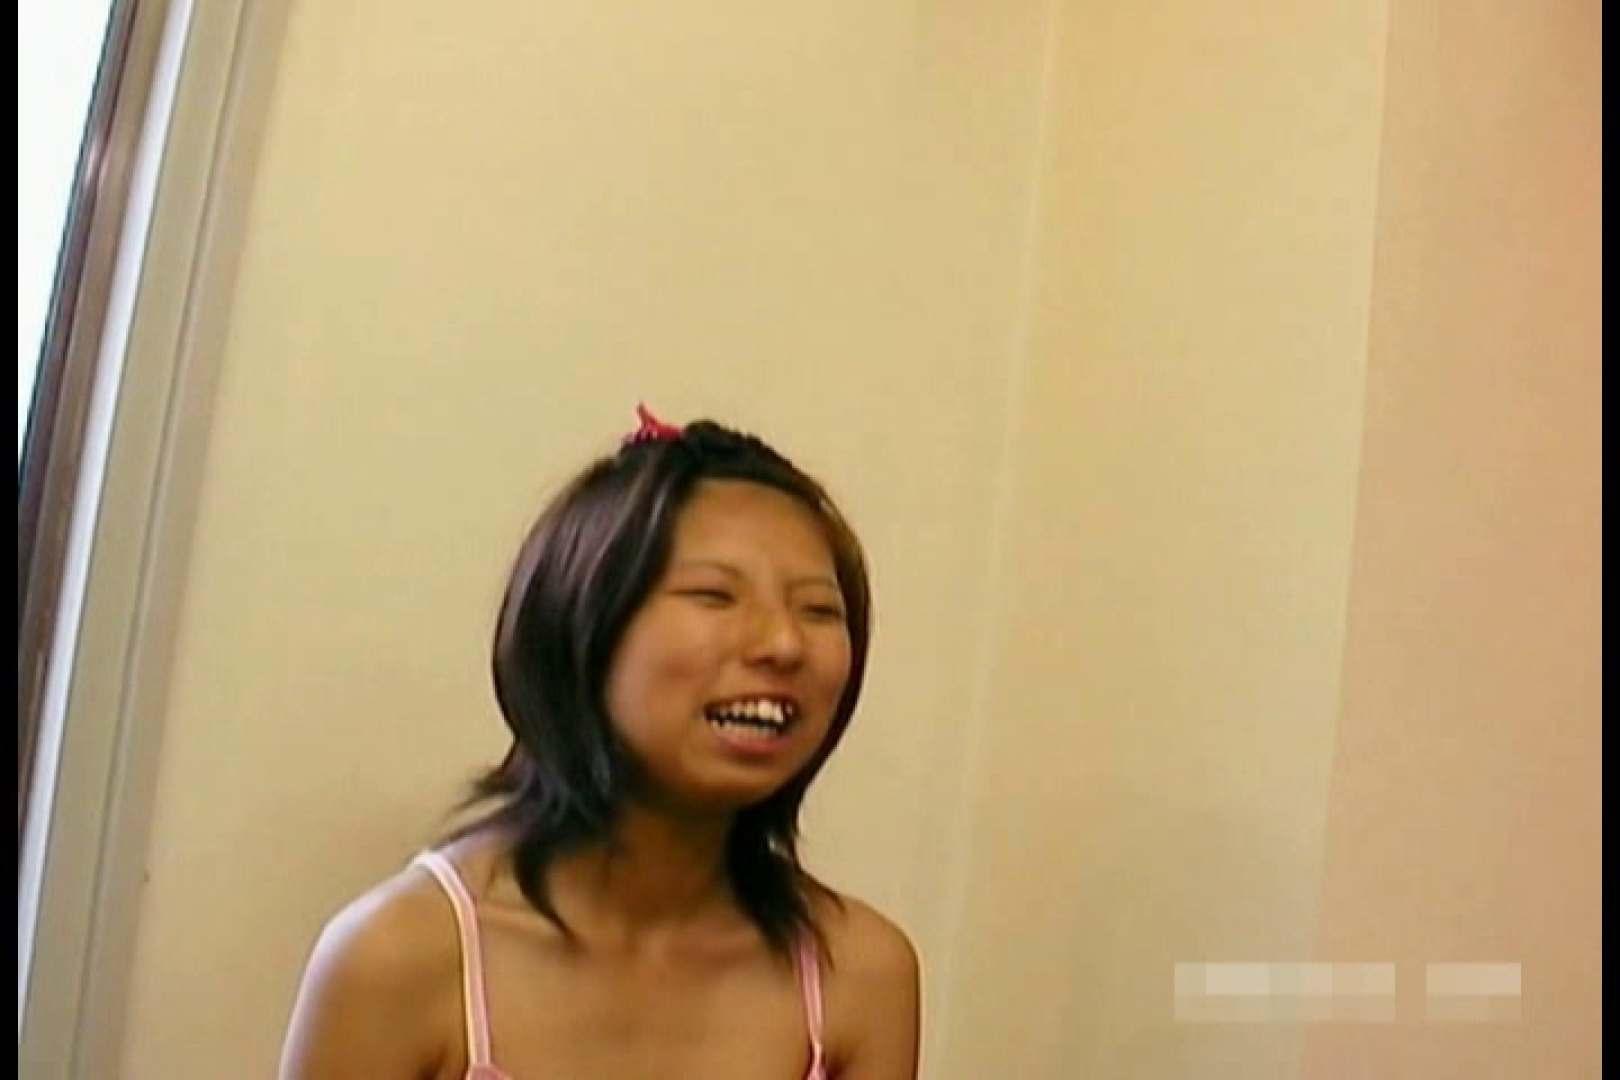 素人撮影 下着だけの撮影のはずが・・・エミちゃん18歳 素人 | おっぱい  55pic 16